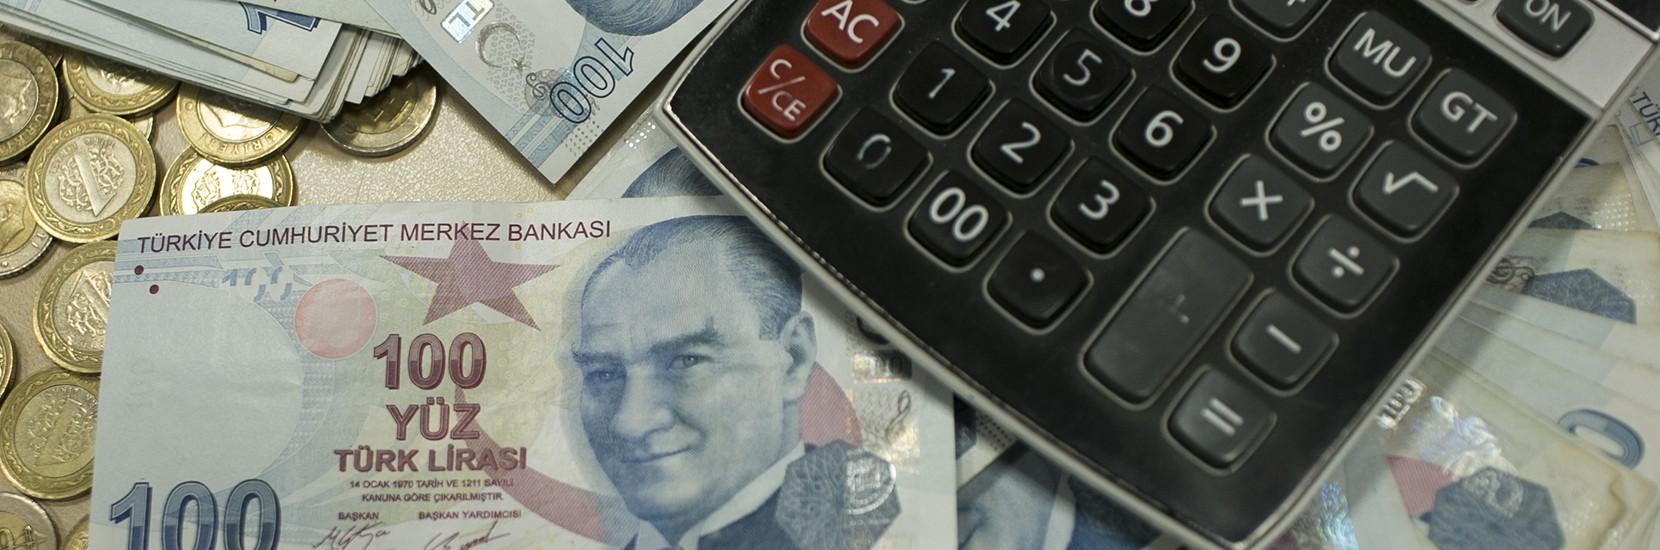 Asgari ücret 2019'da kaç lira olacak?